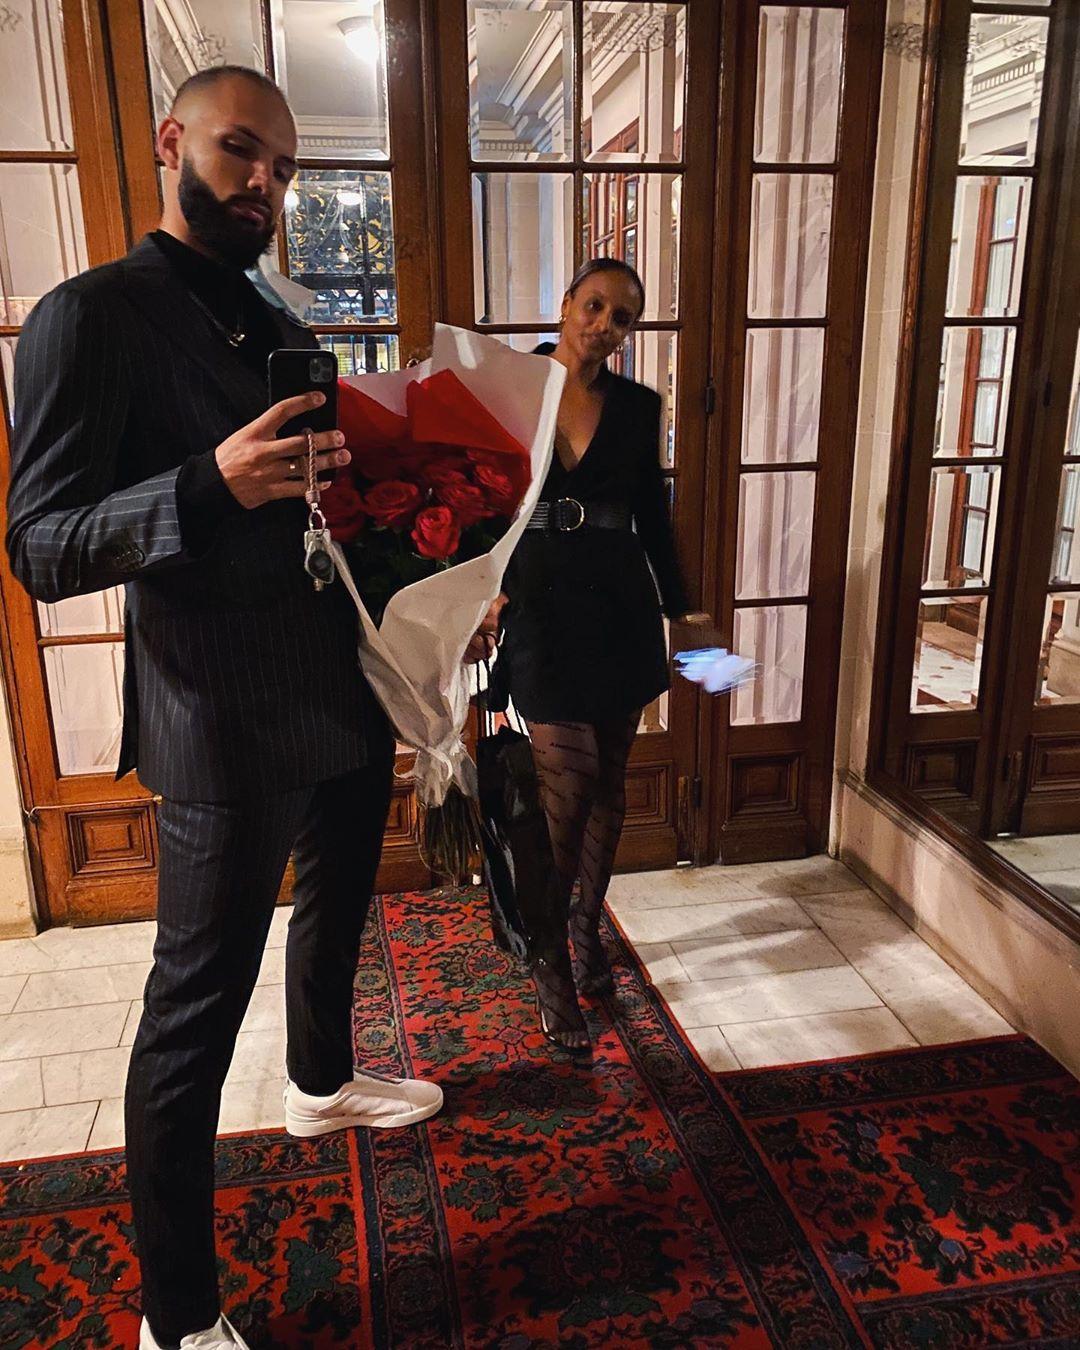 法式浪漫!富尼耶晒与妻子合照